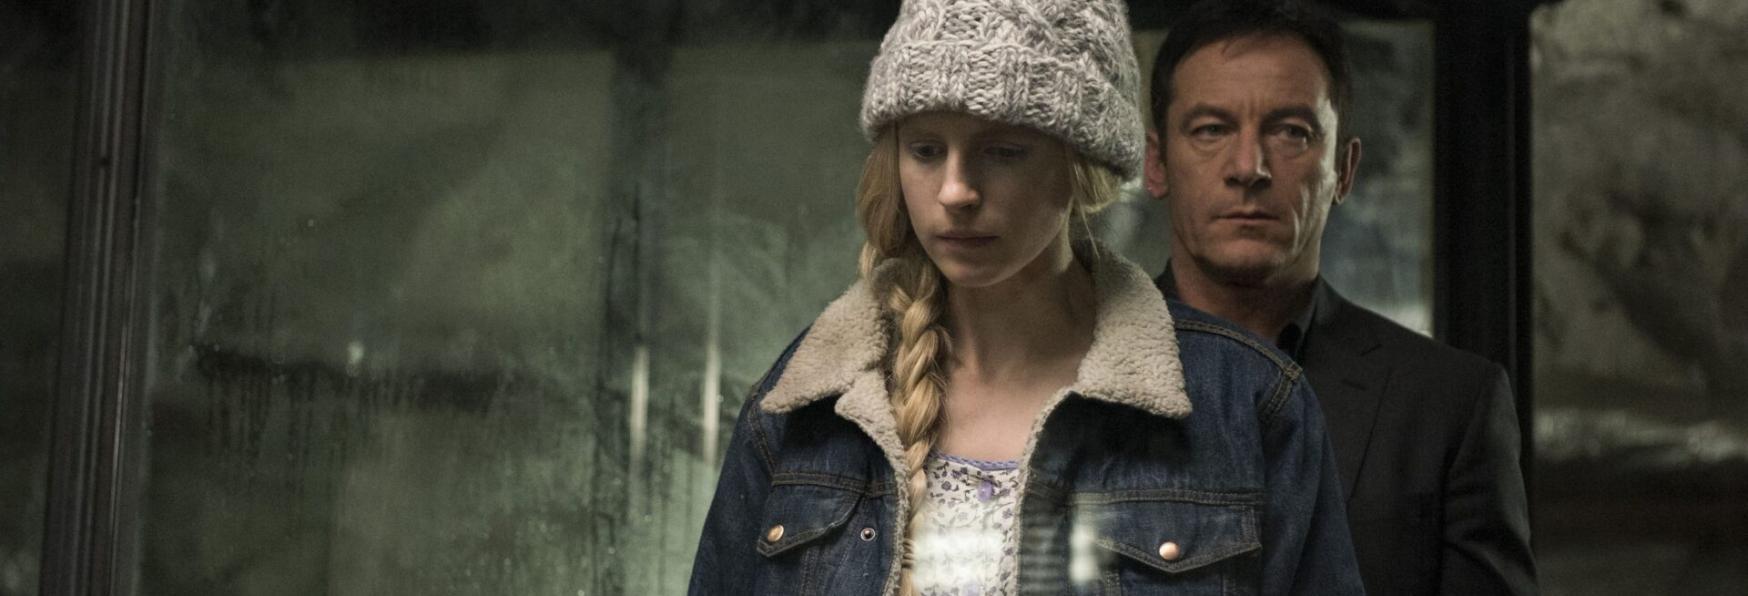 The OA 3: un Potenziale Rinnovo della Serie TV Netflix? Le Parole dell'attore Jason Isaacs